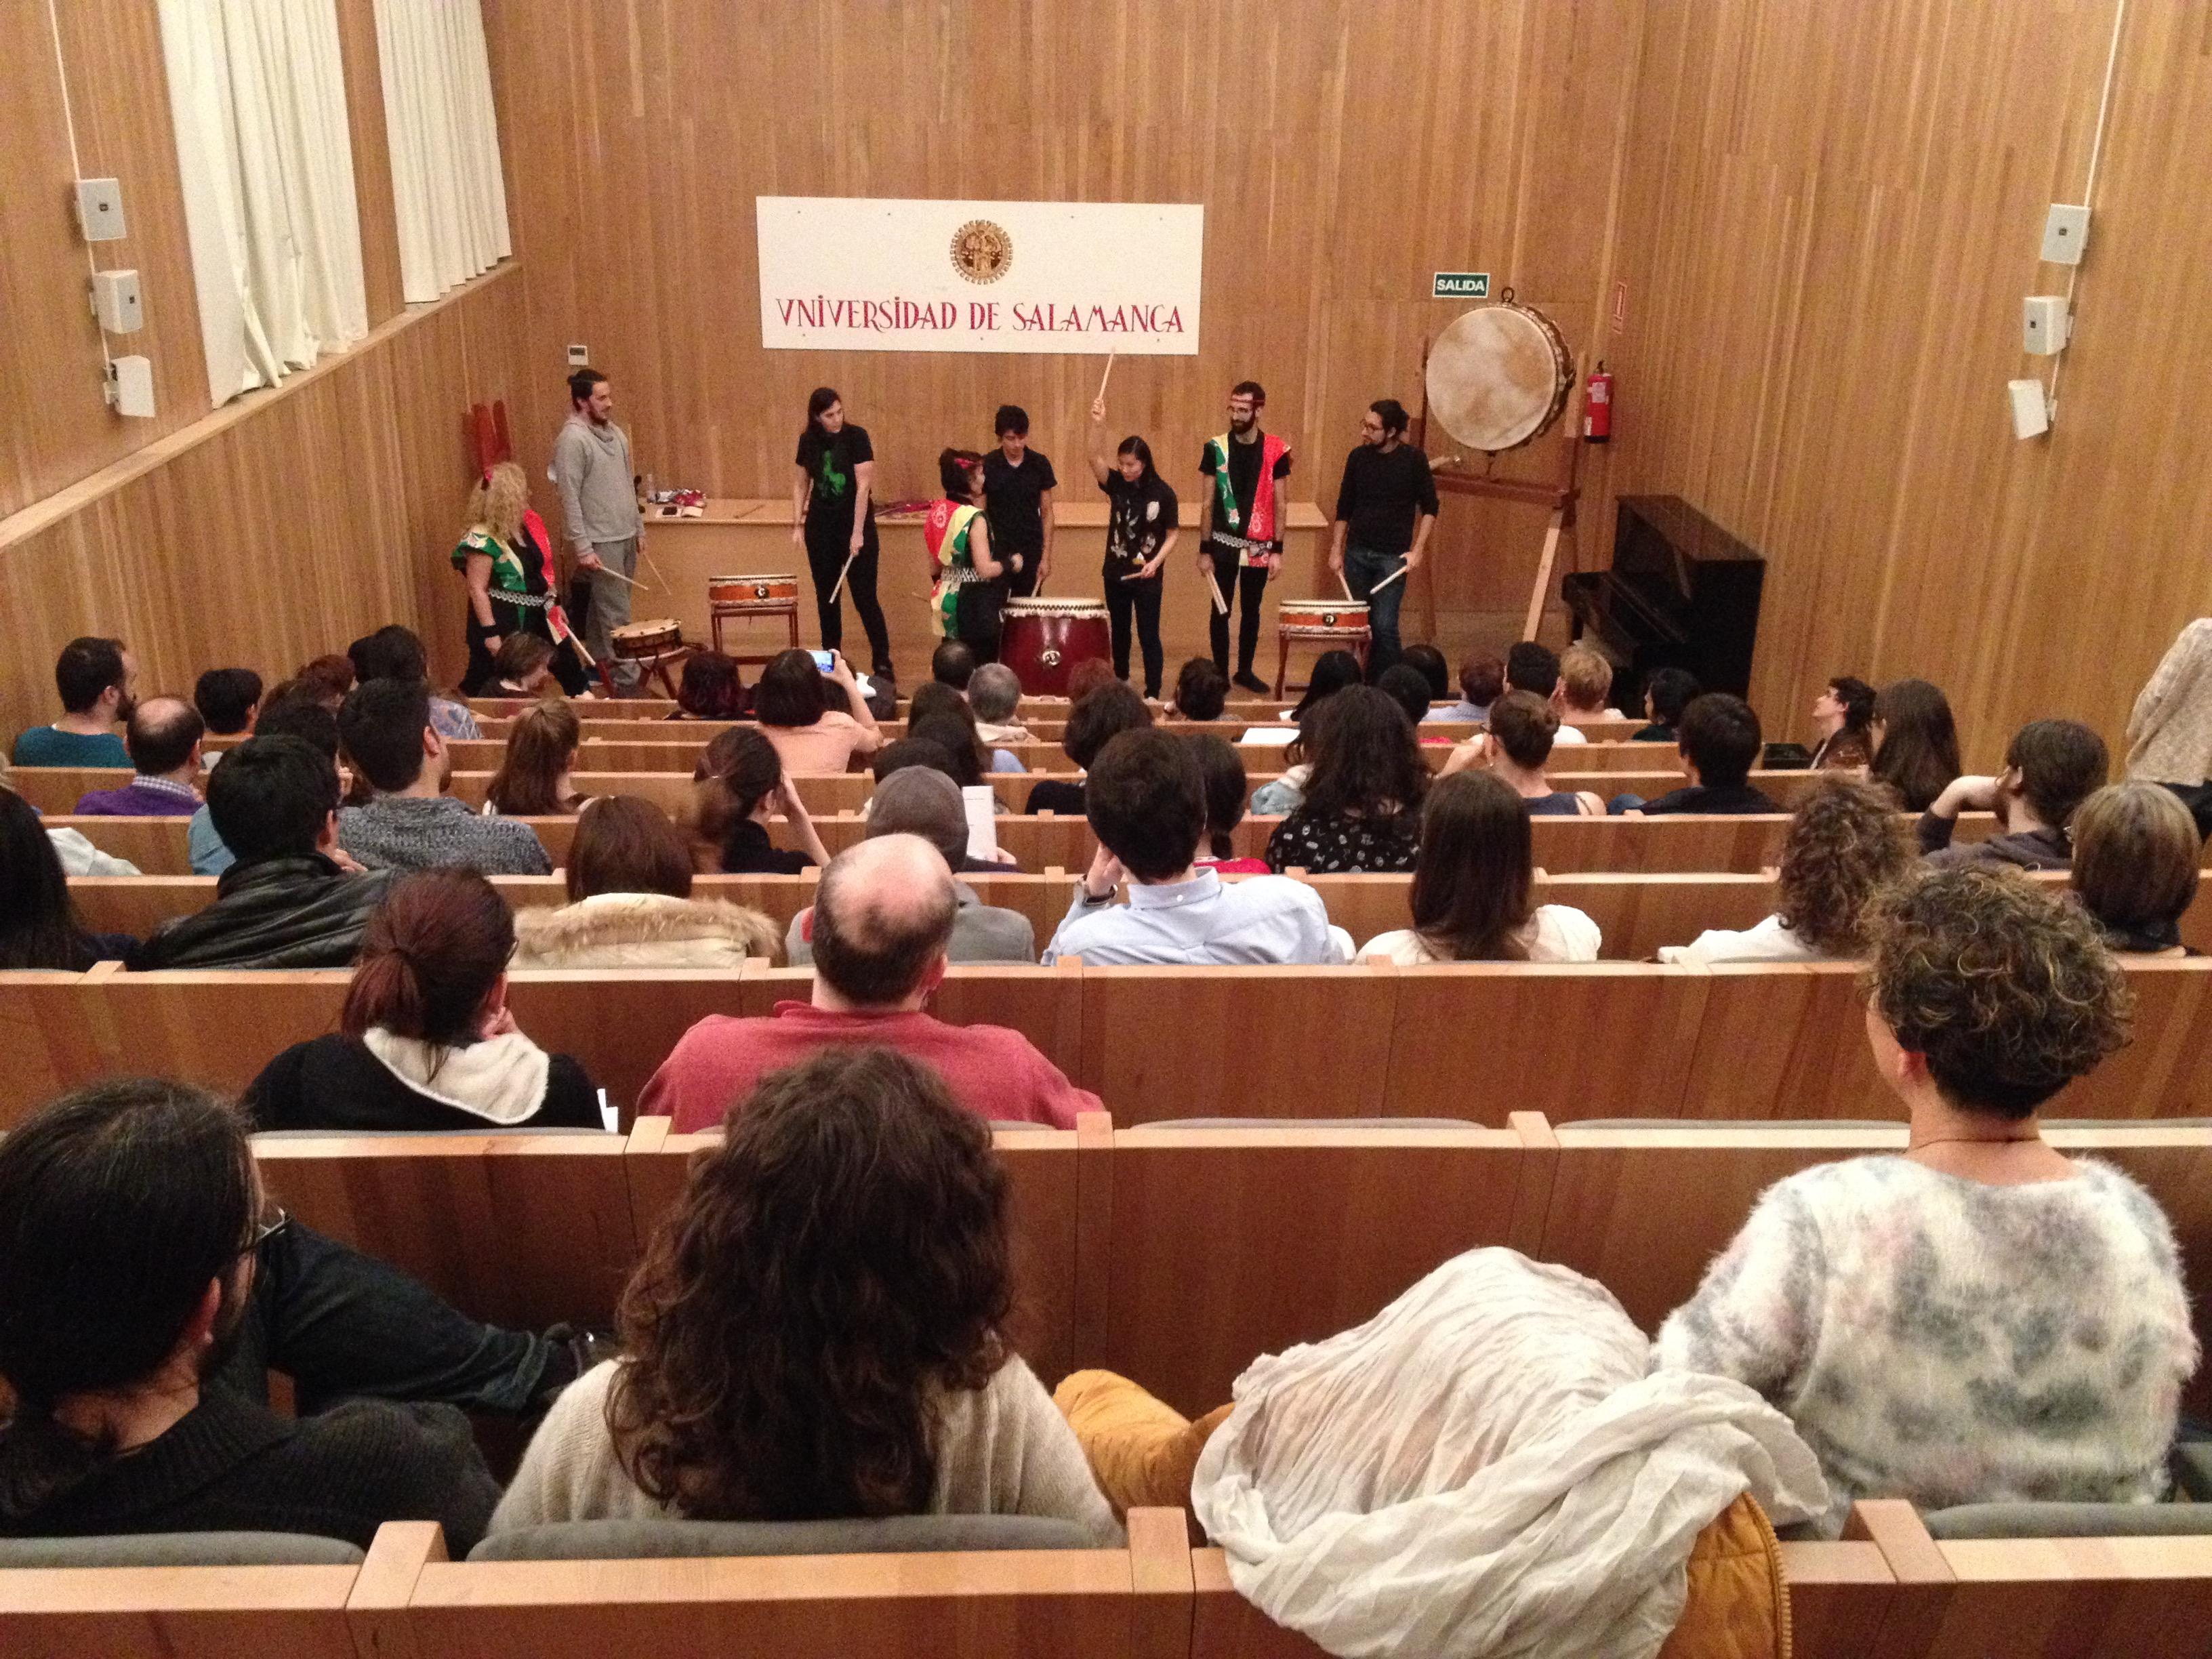 Más de 800 personas han particido en las conferencias, talleres y conciertos de la XVII Semana Cultural del Japón